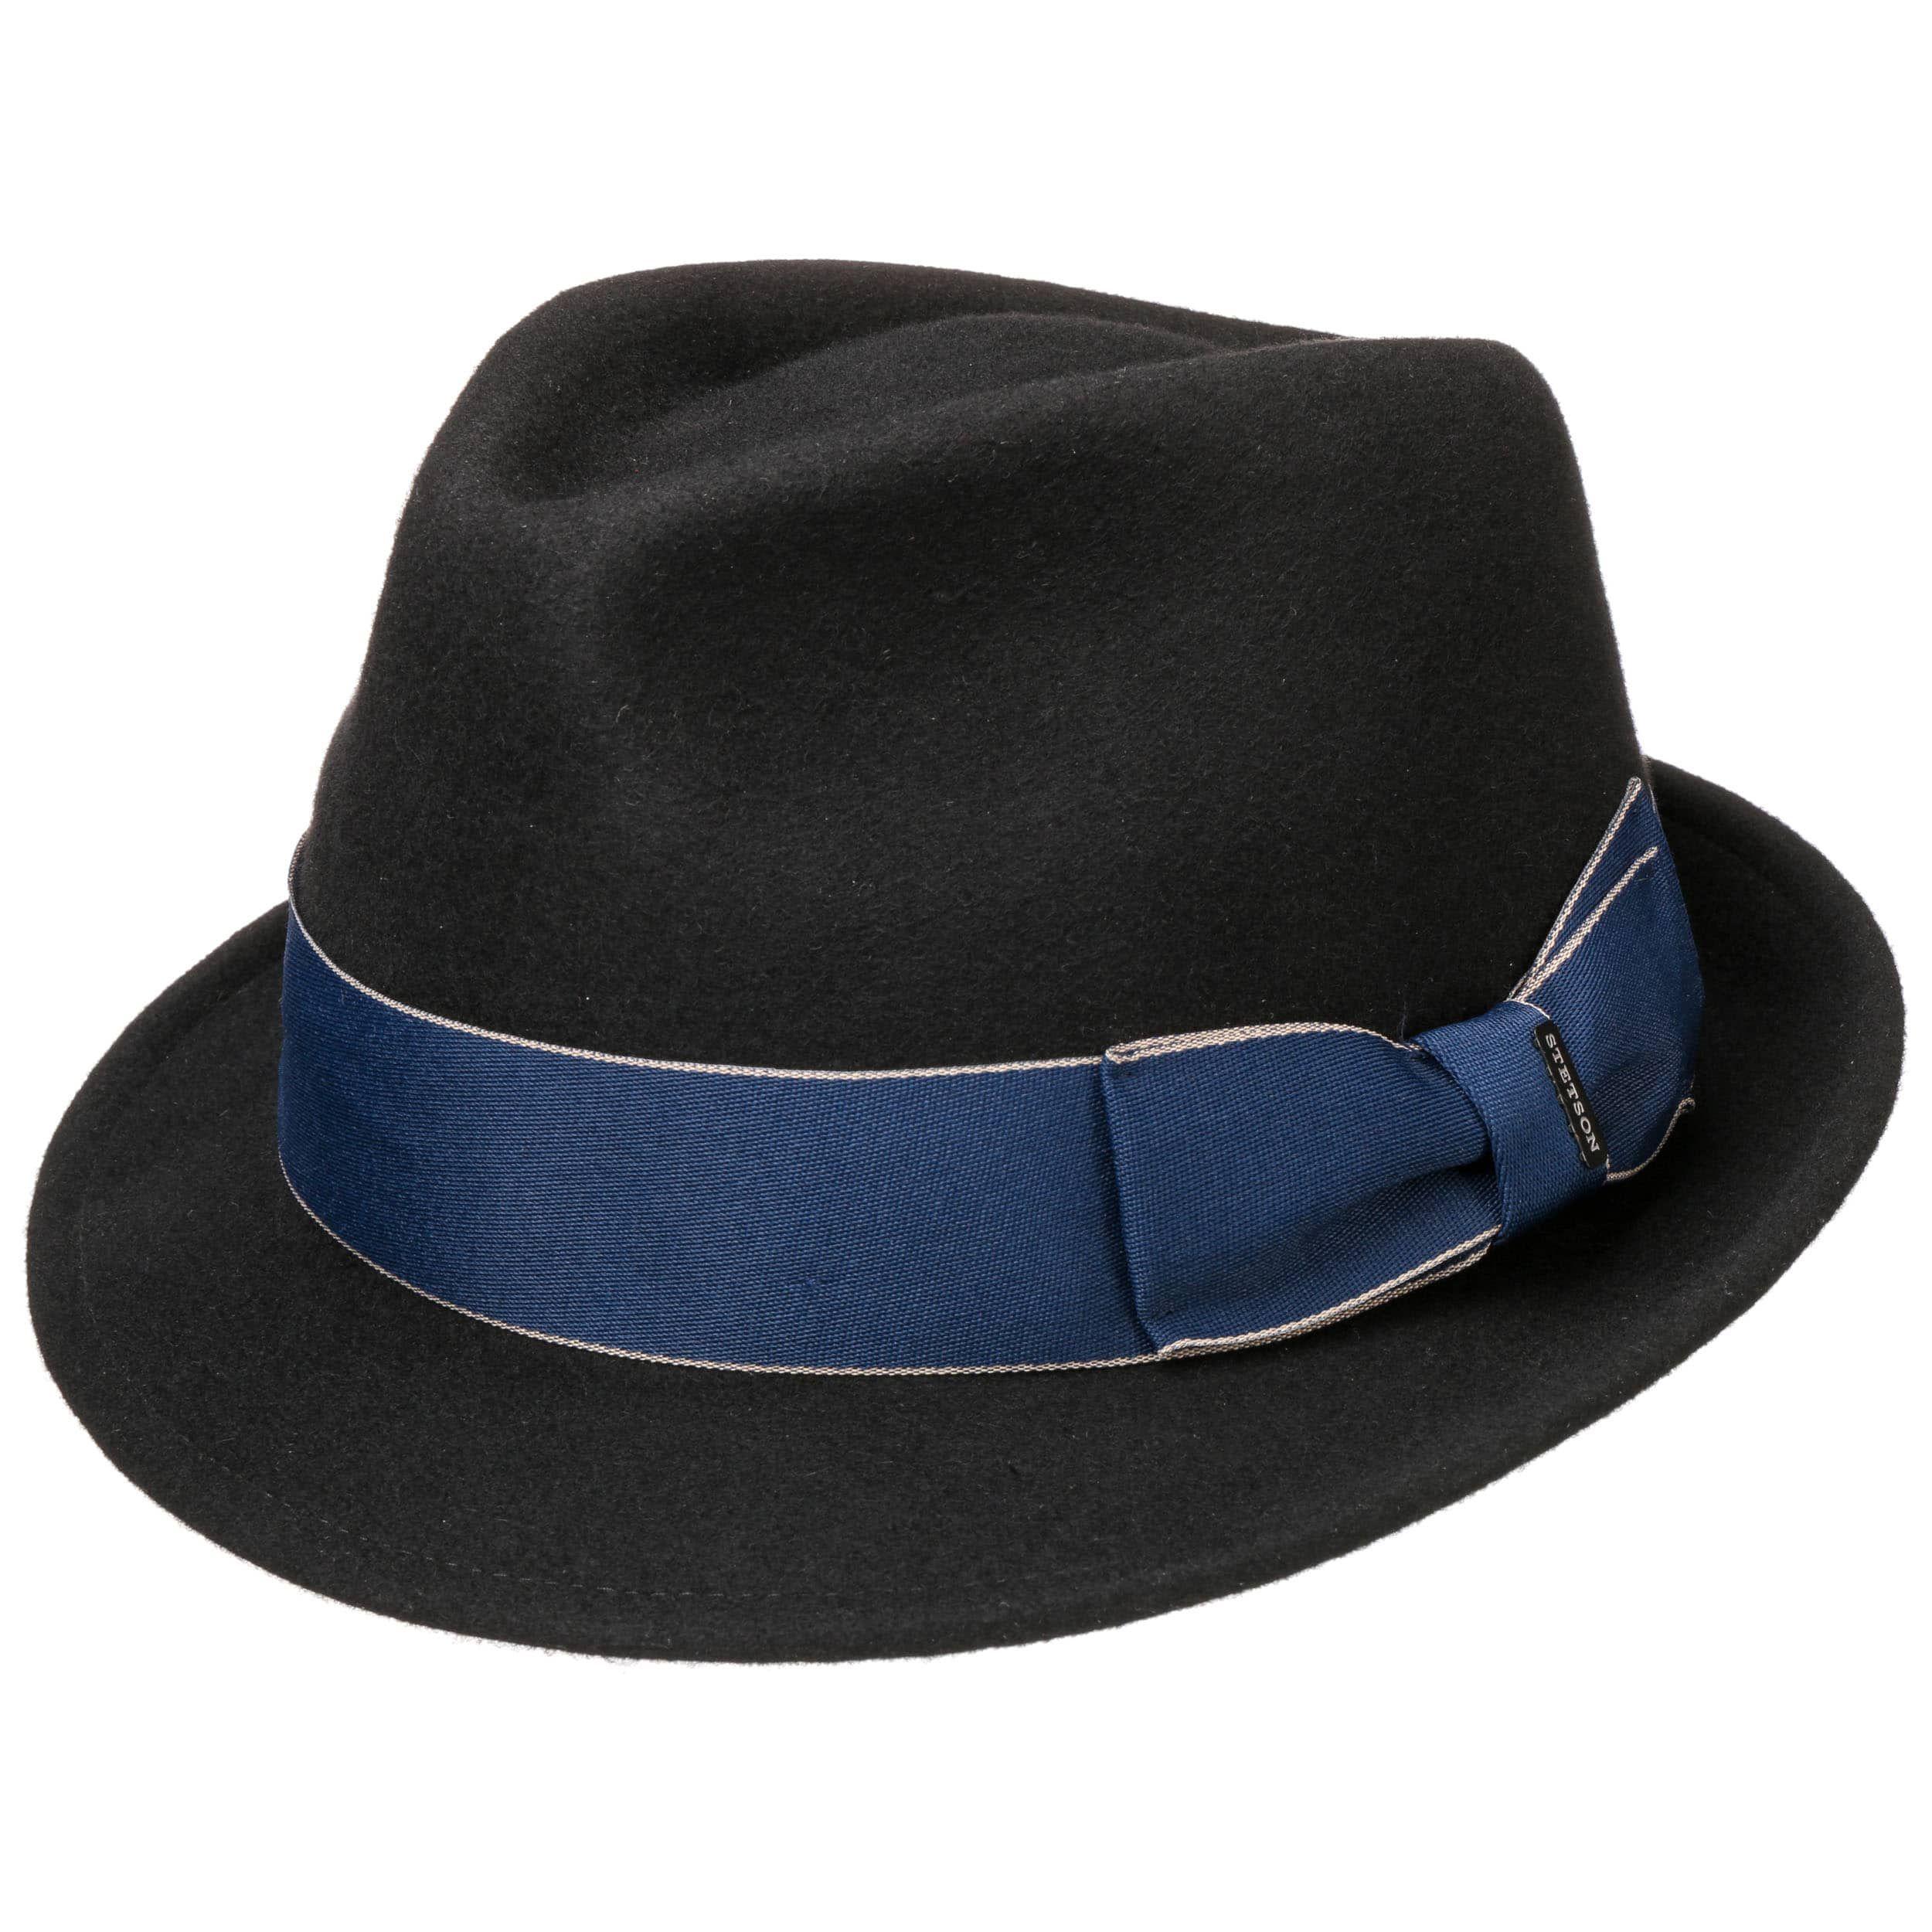 Boston Blue Ribbon Wollfilzhut schwarz